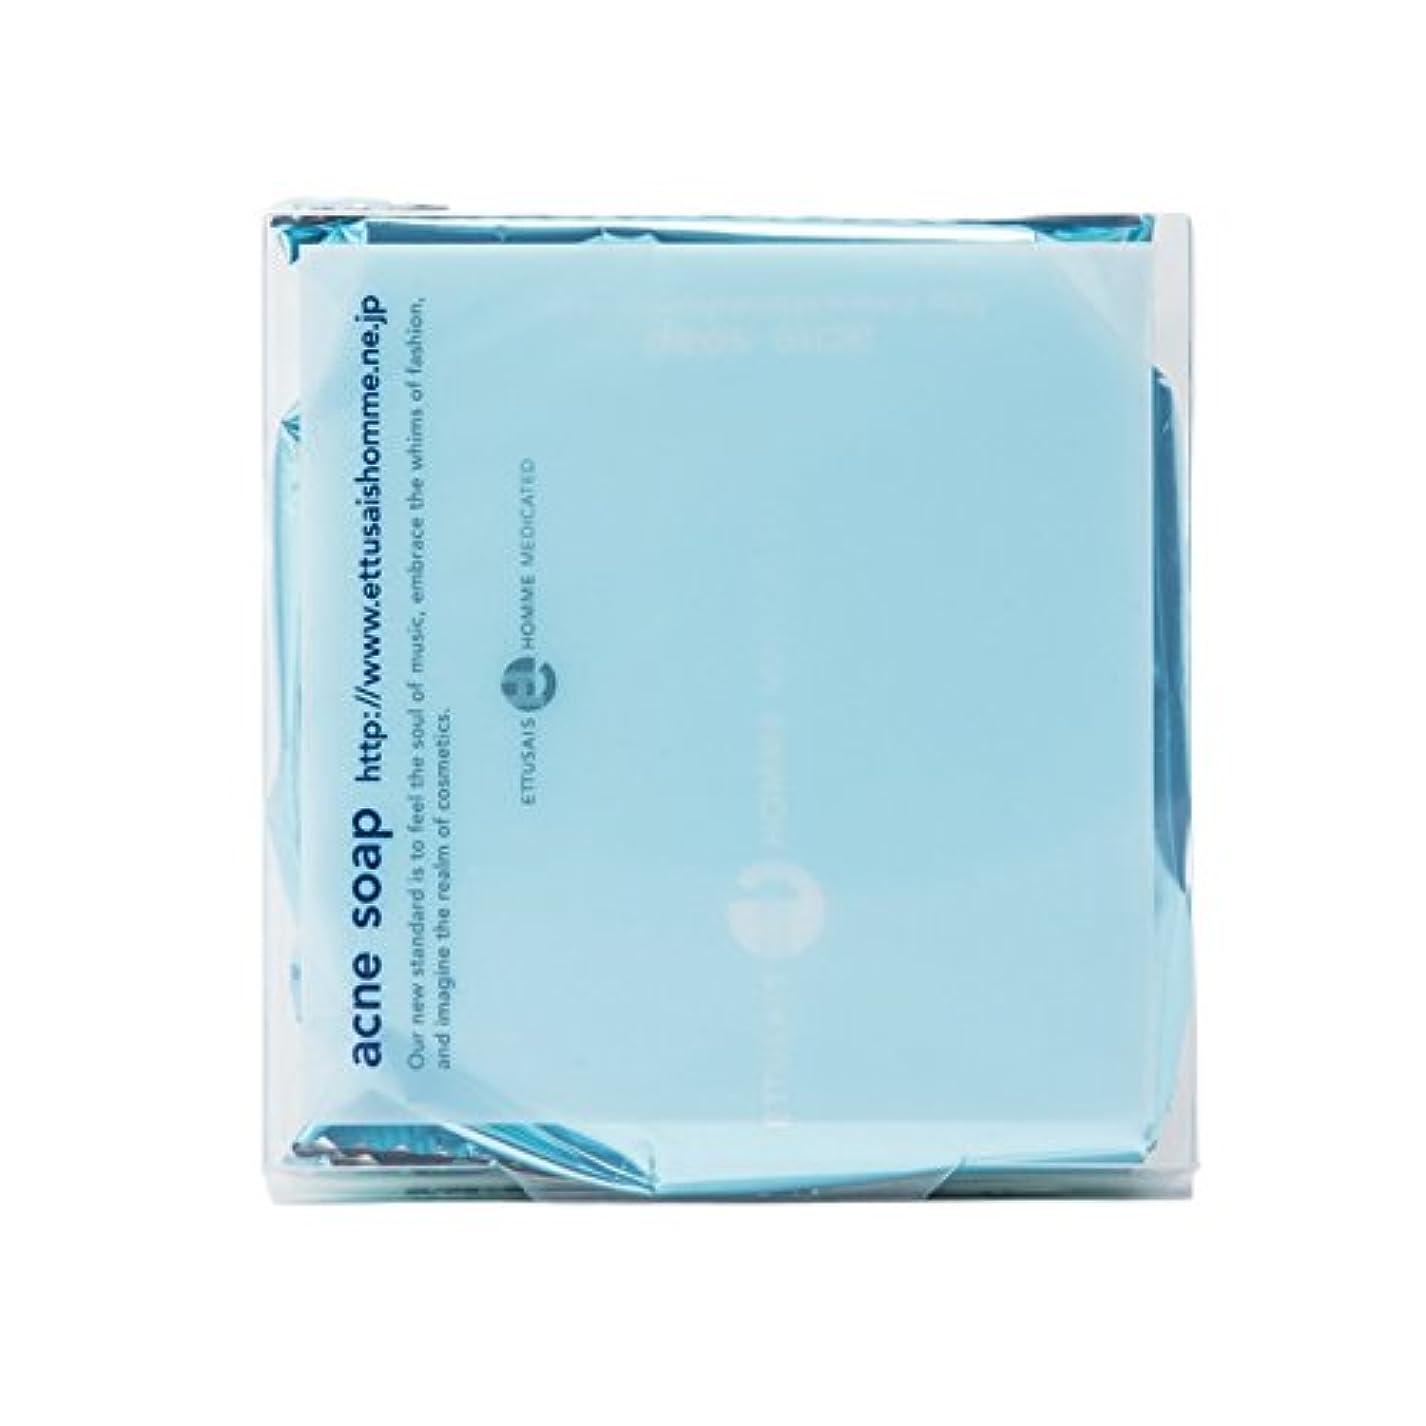 エージェント引用線形[医薬部外品] エテュセ オム 薬用アクネ ソープ 薬用石けん 100g